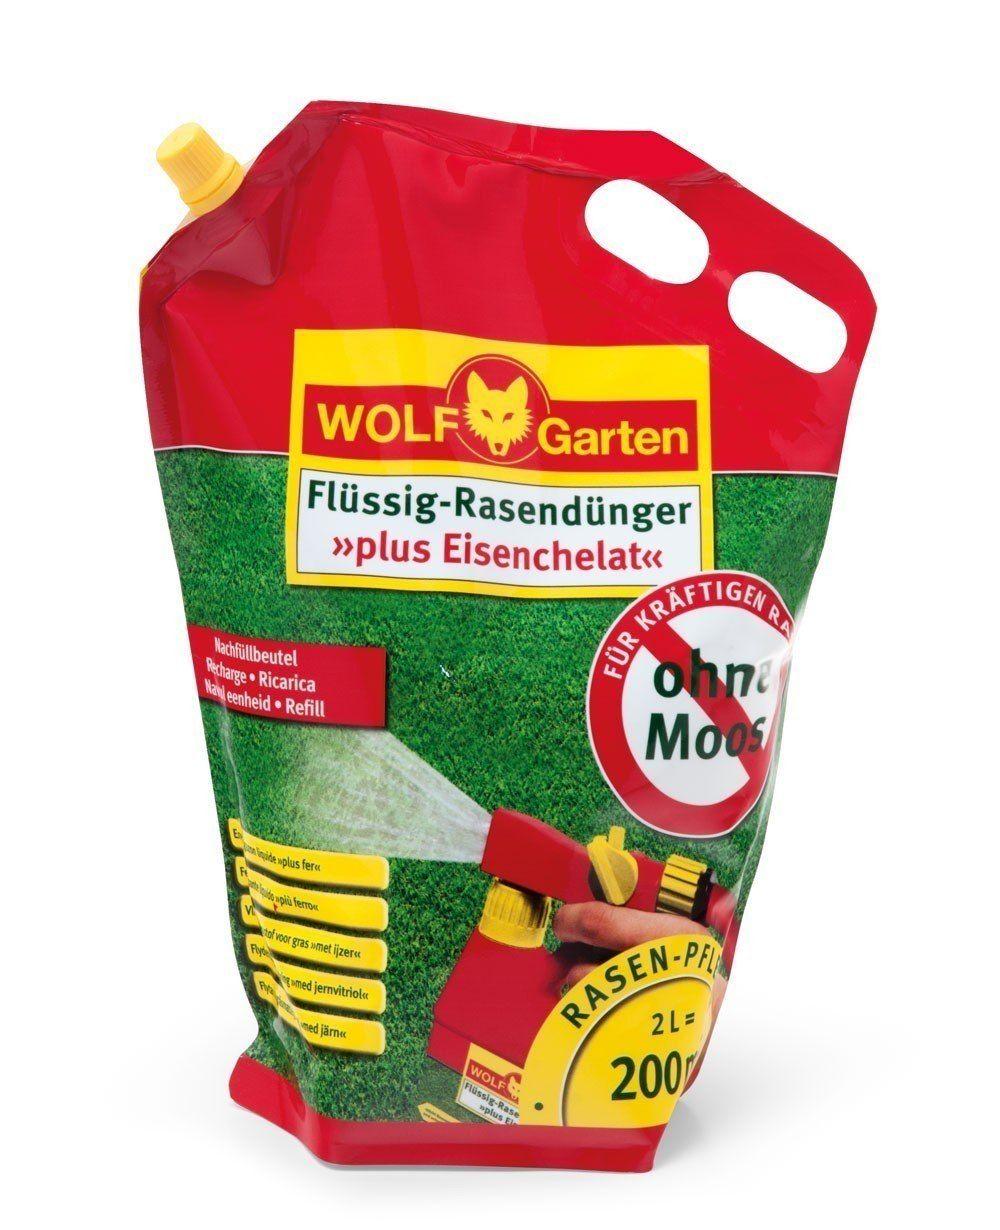 Wolf Garten Flüssig Dünger Plus Eisenchelat Set Lm200r 200 M² 2 L